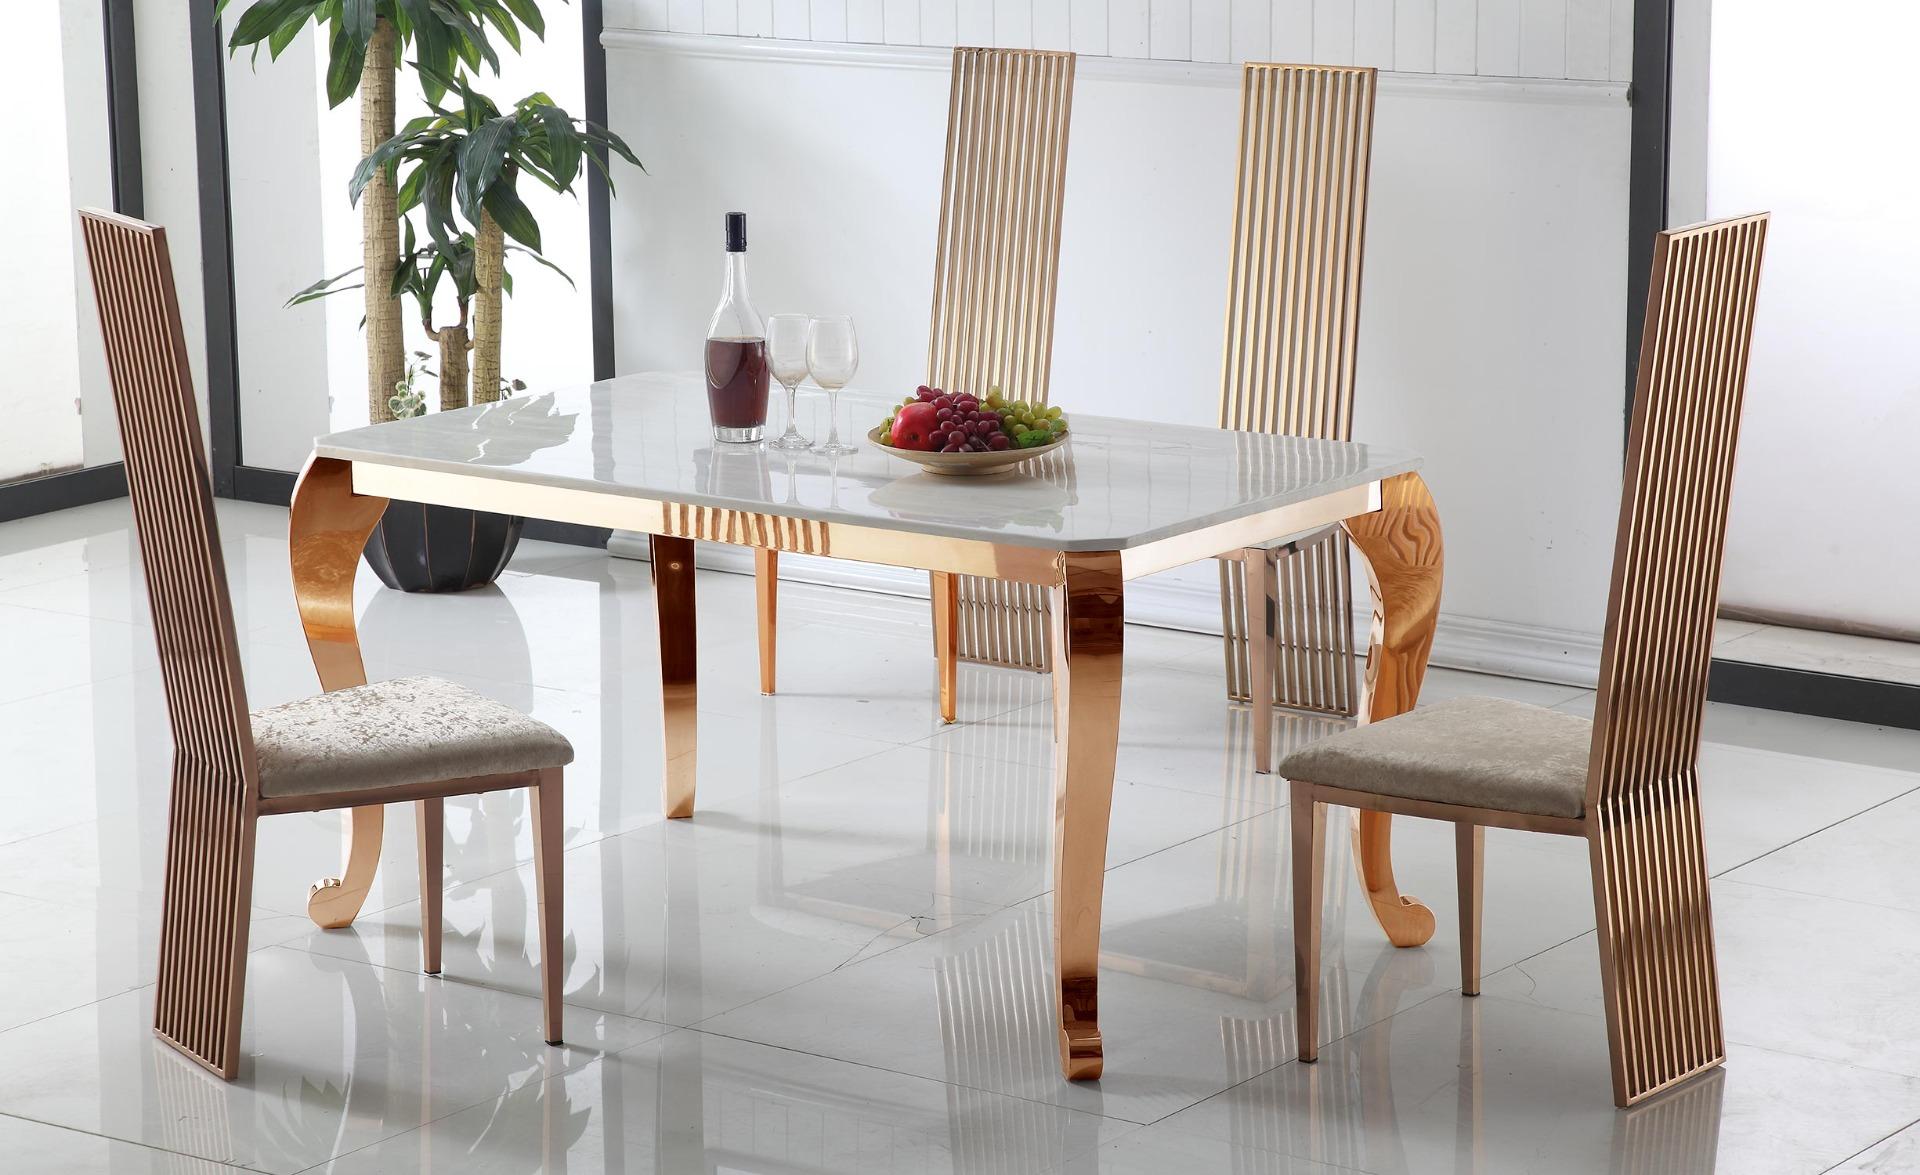 Padma Esstisch aus Marmor mit roségoldenen Tischbeinen